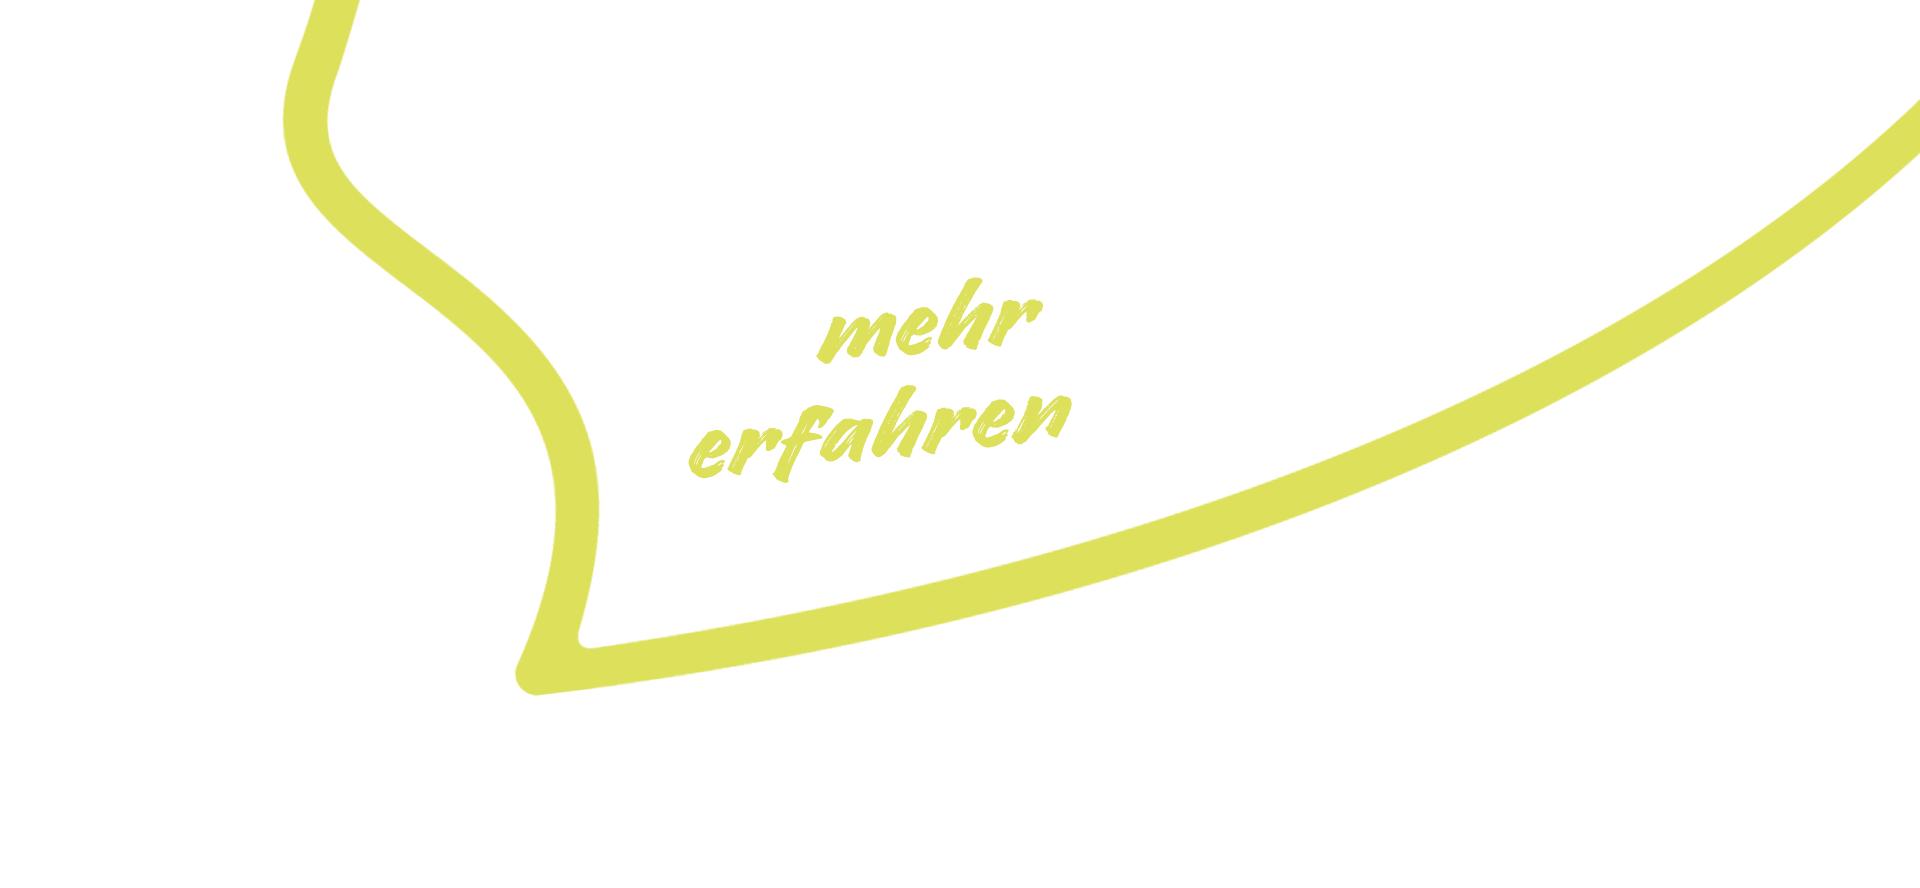 HERO_SOCIETY-mehr_erfahren_3